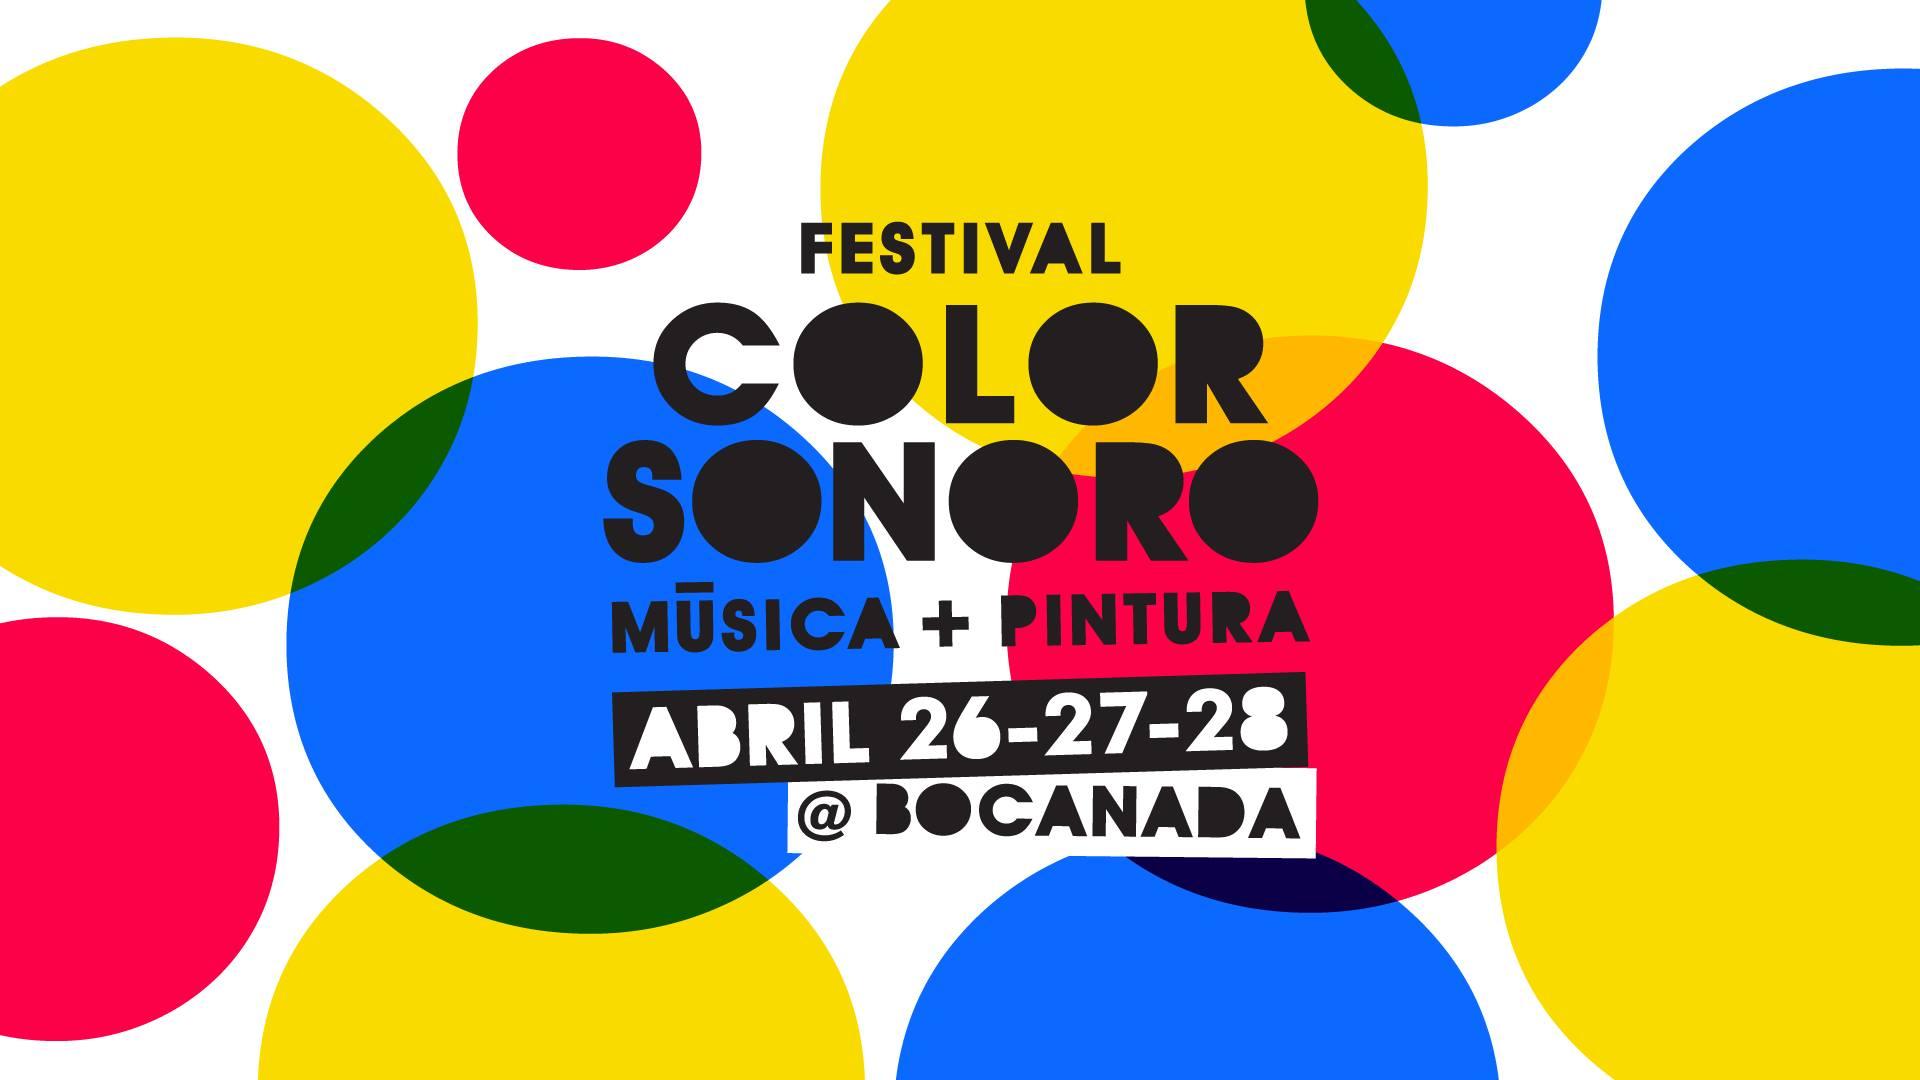 Festival Color Sonoro